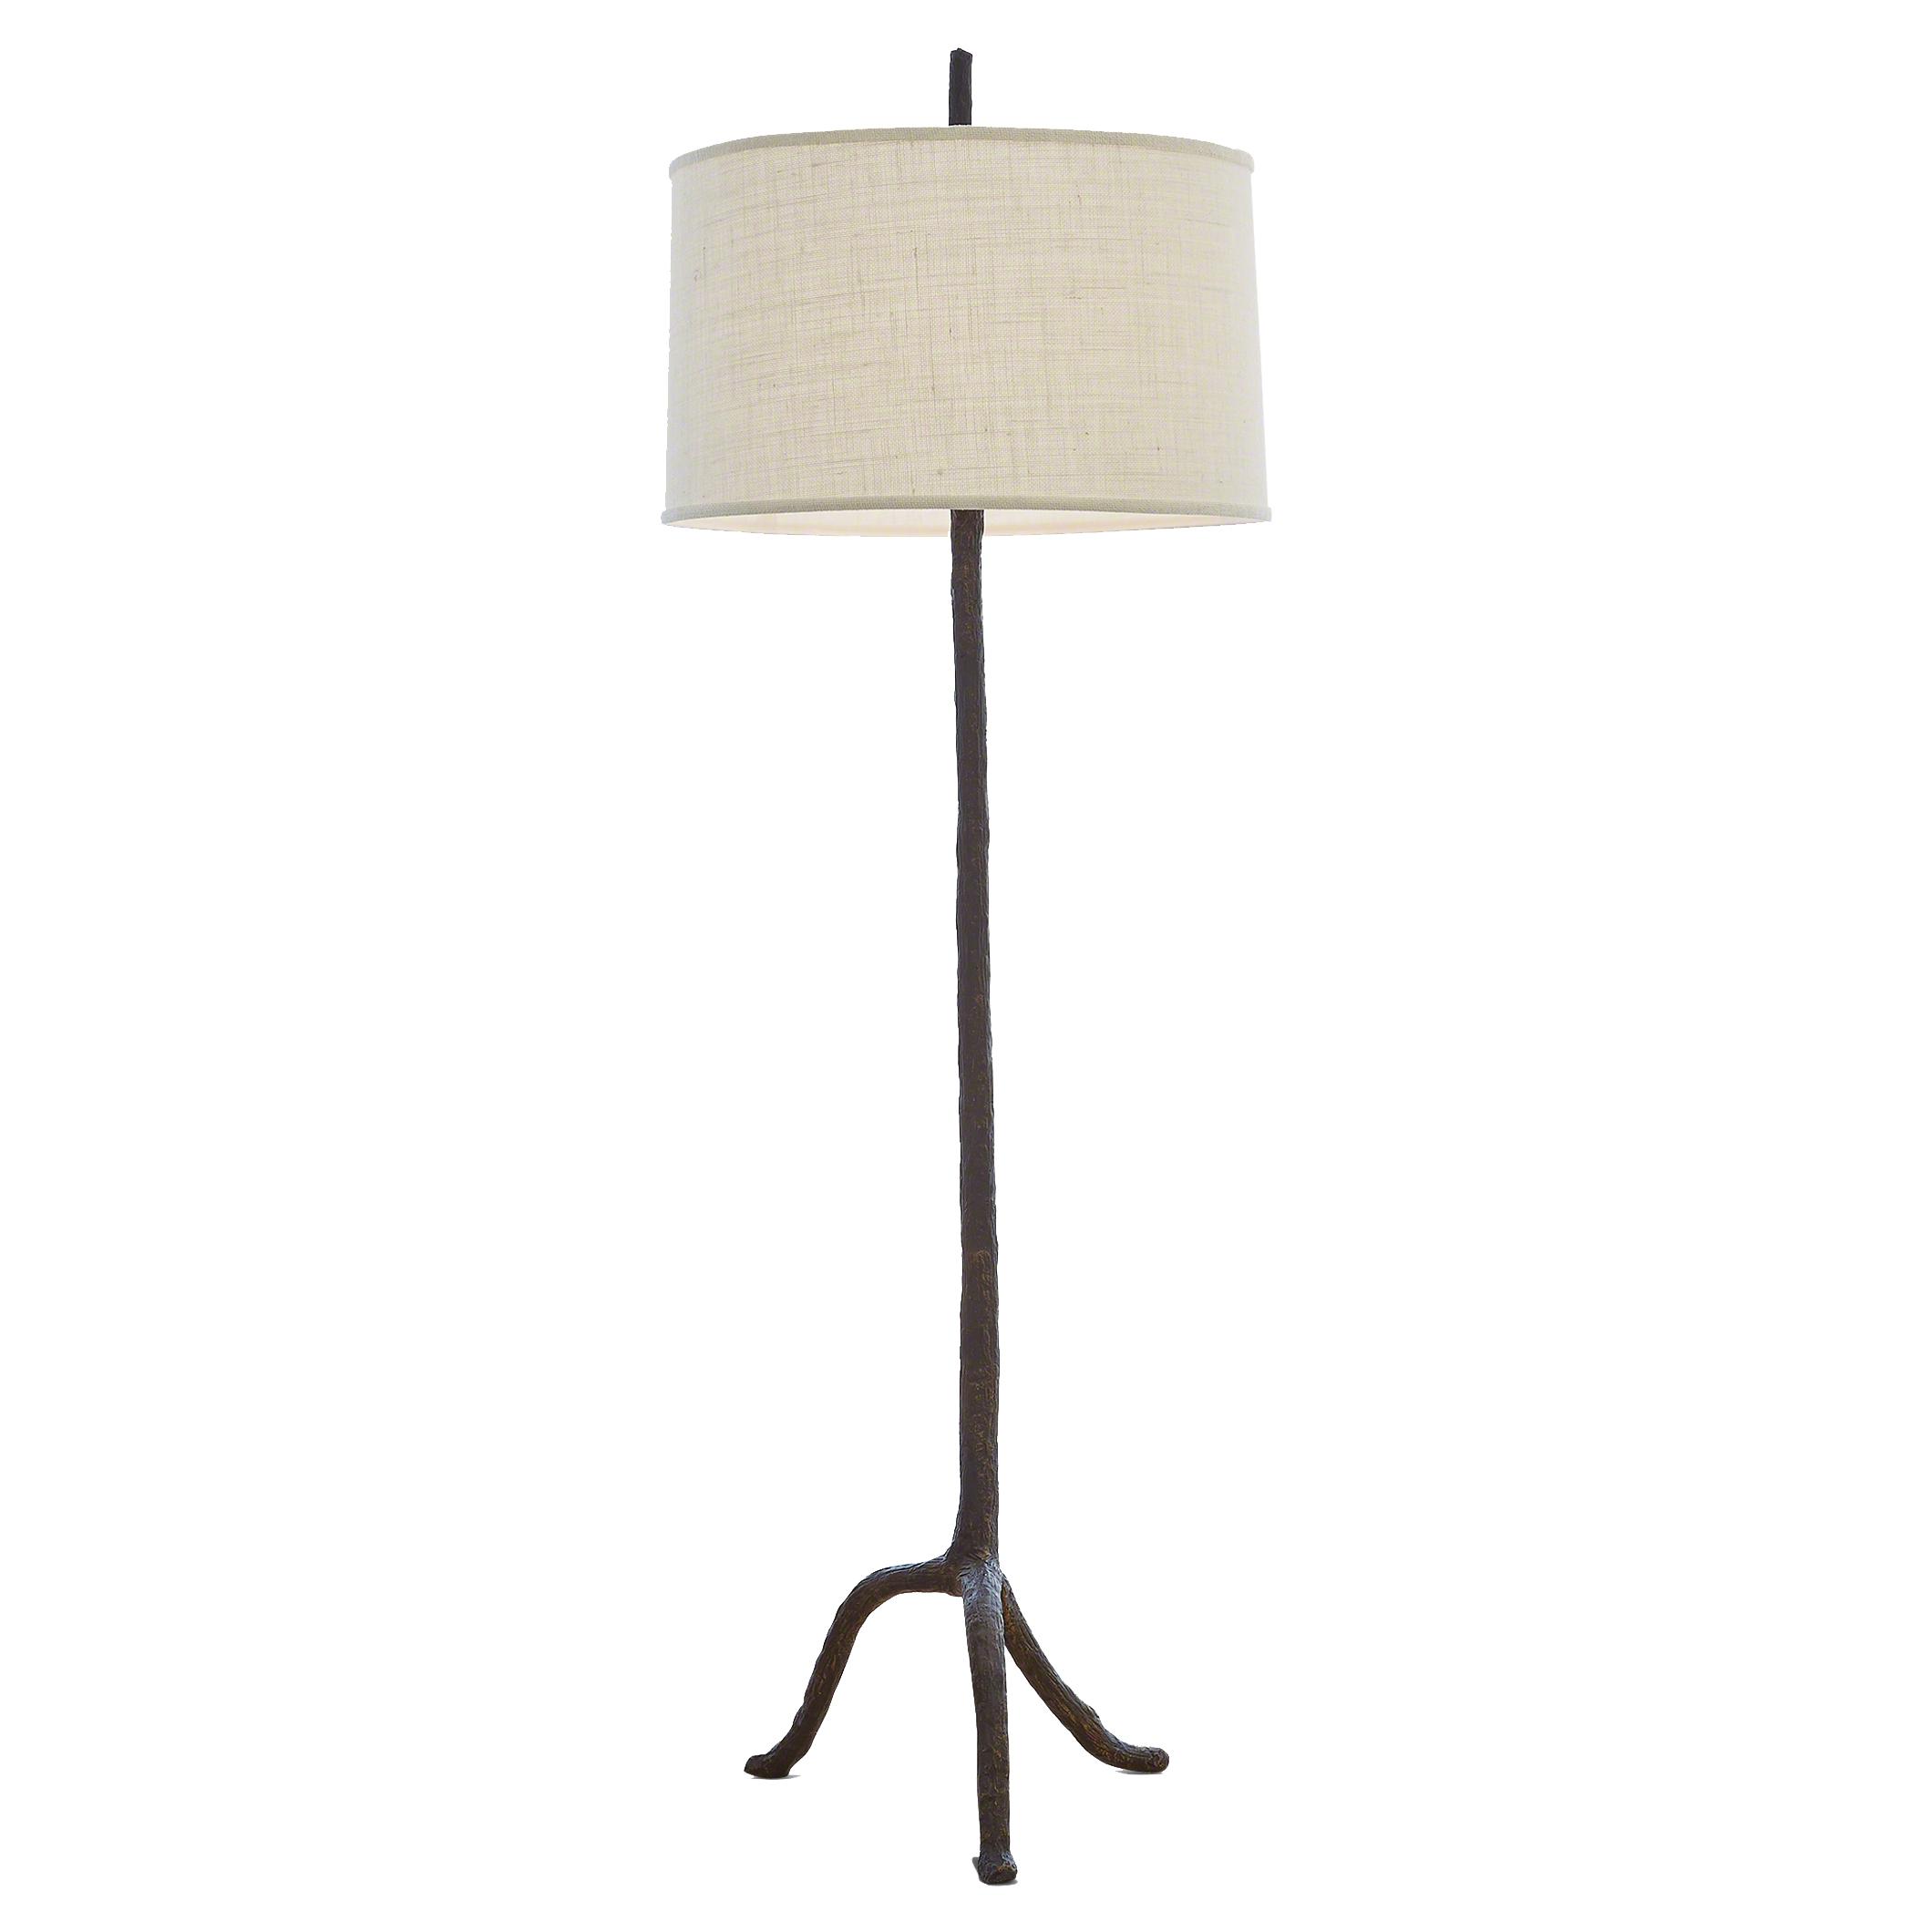 Missoula Rustic Lodge Brown Walking Stick Burlap Shade Floor Lamp